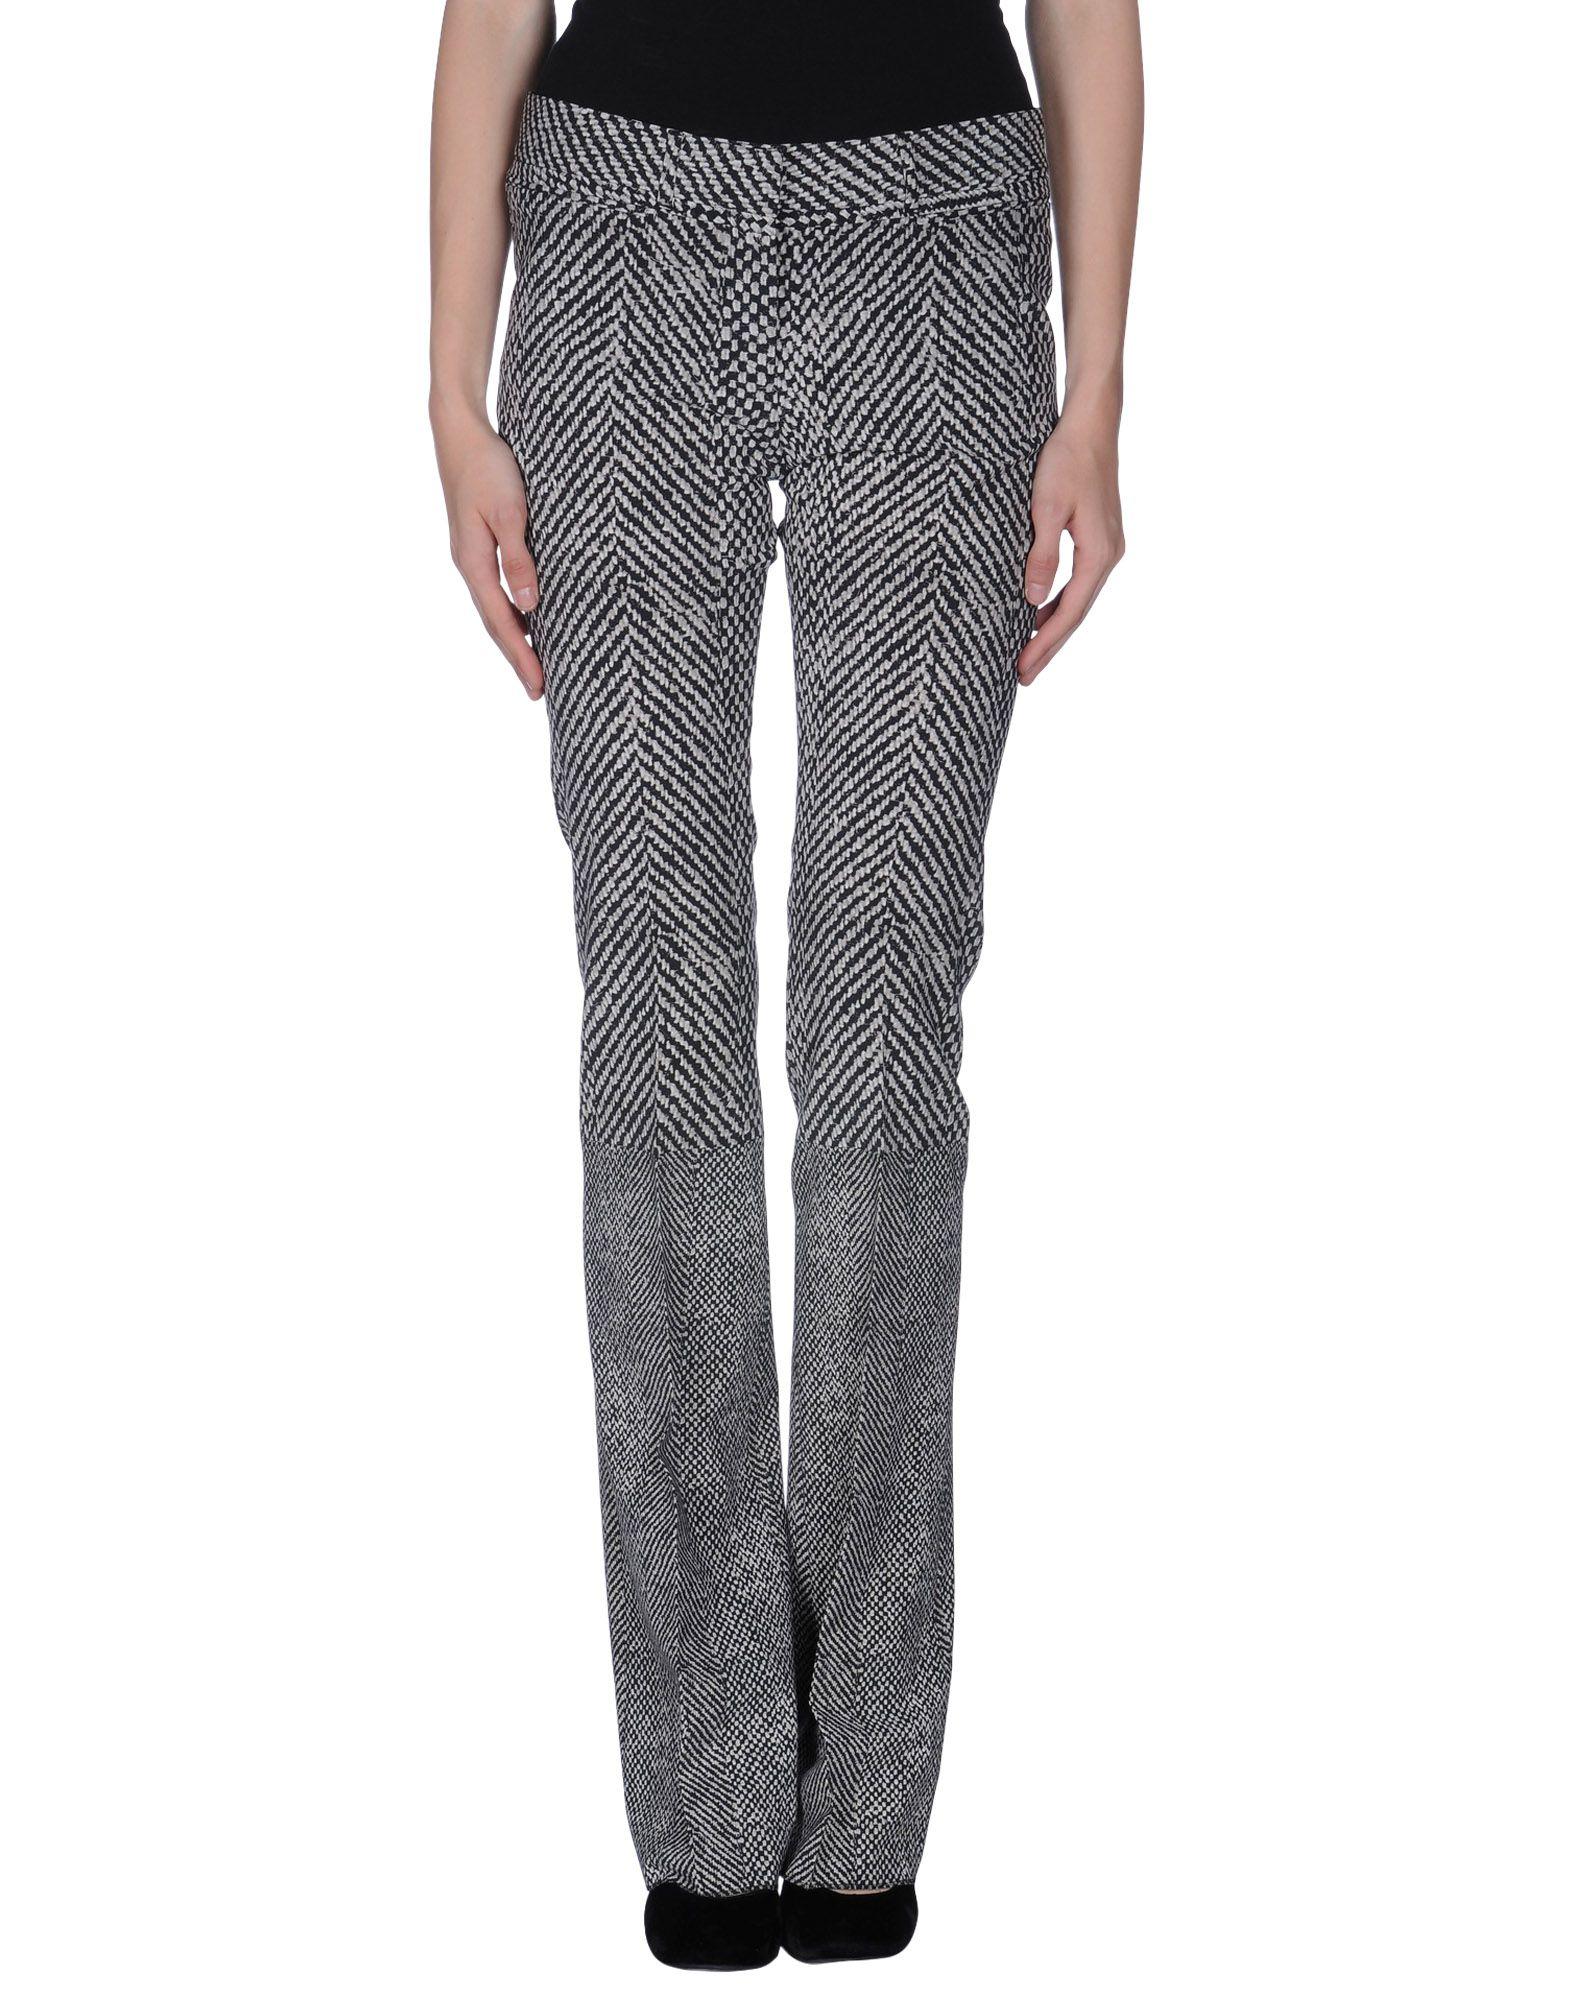 Pantalone Roberto Cavalli Donna - Acquista online su sGfCs6